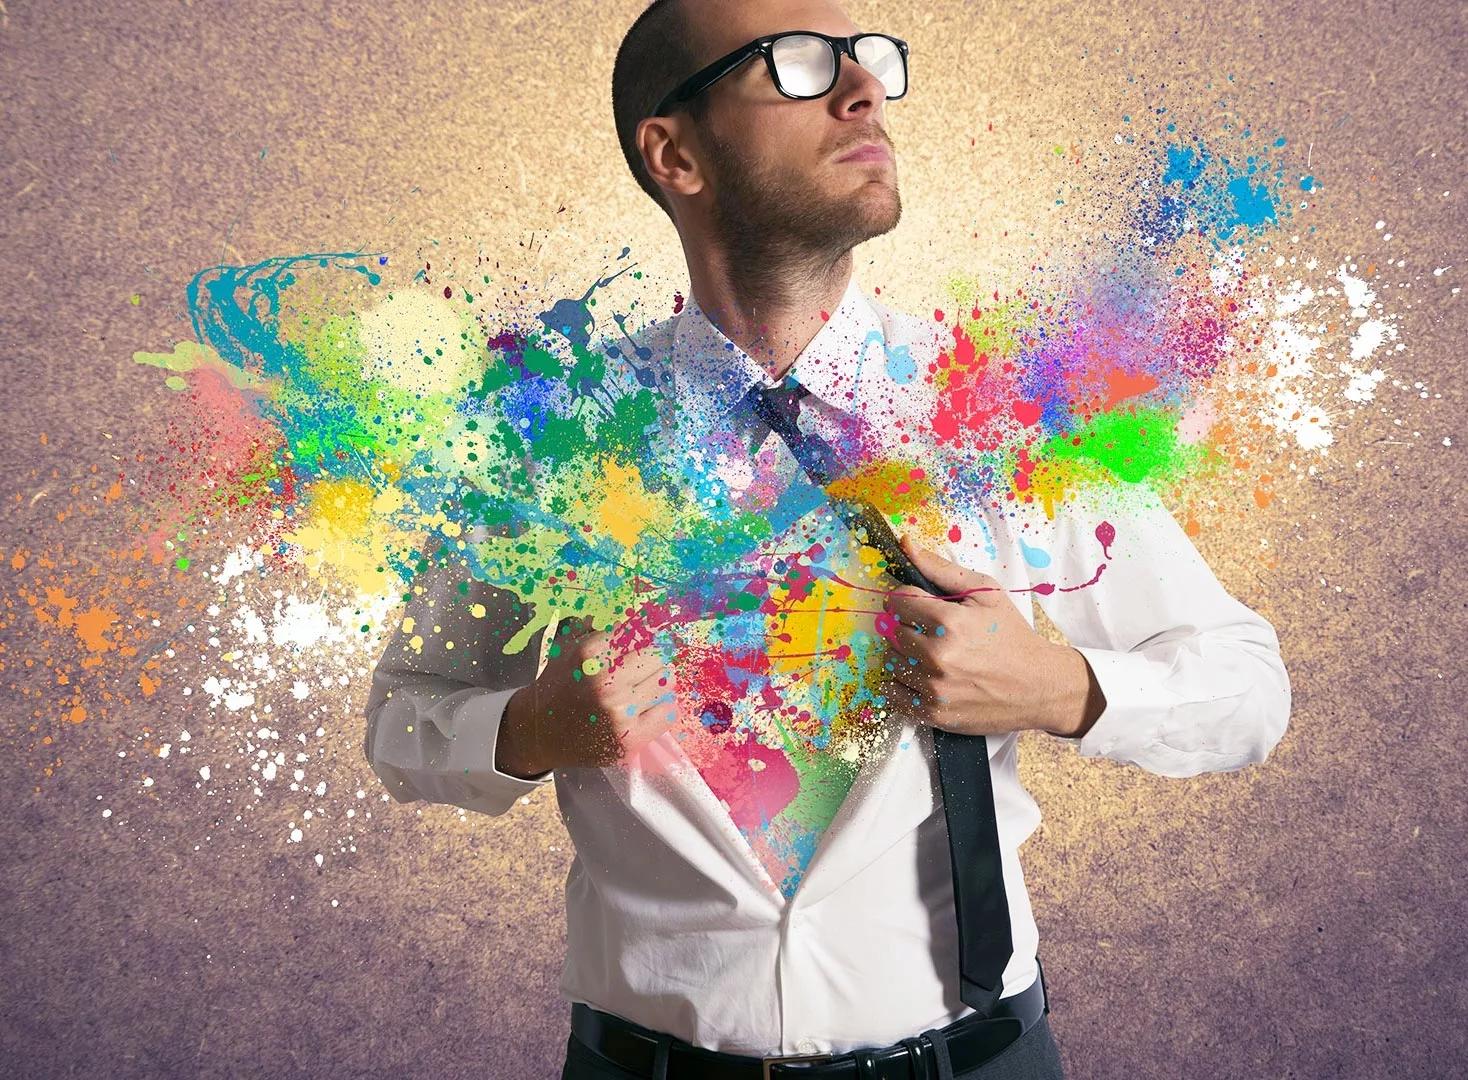 Креативность - что это означает, развитие креативности личности